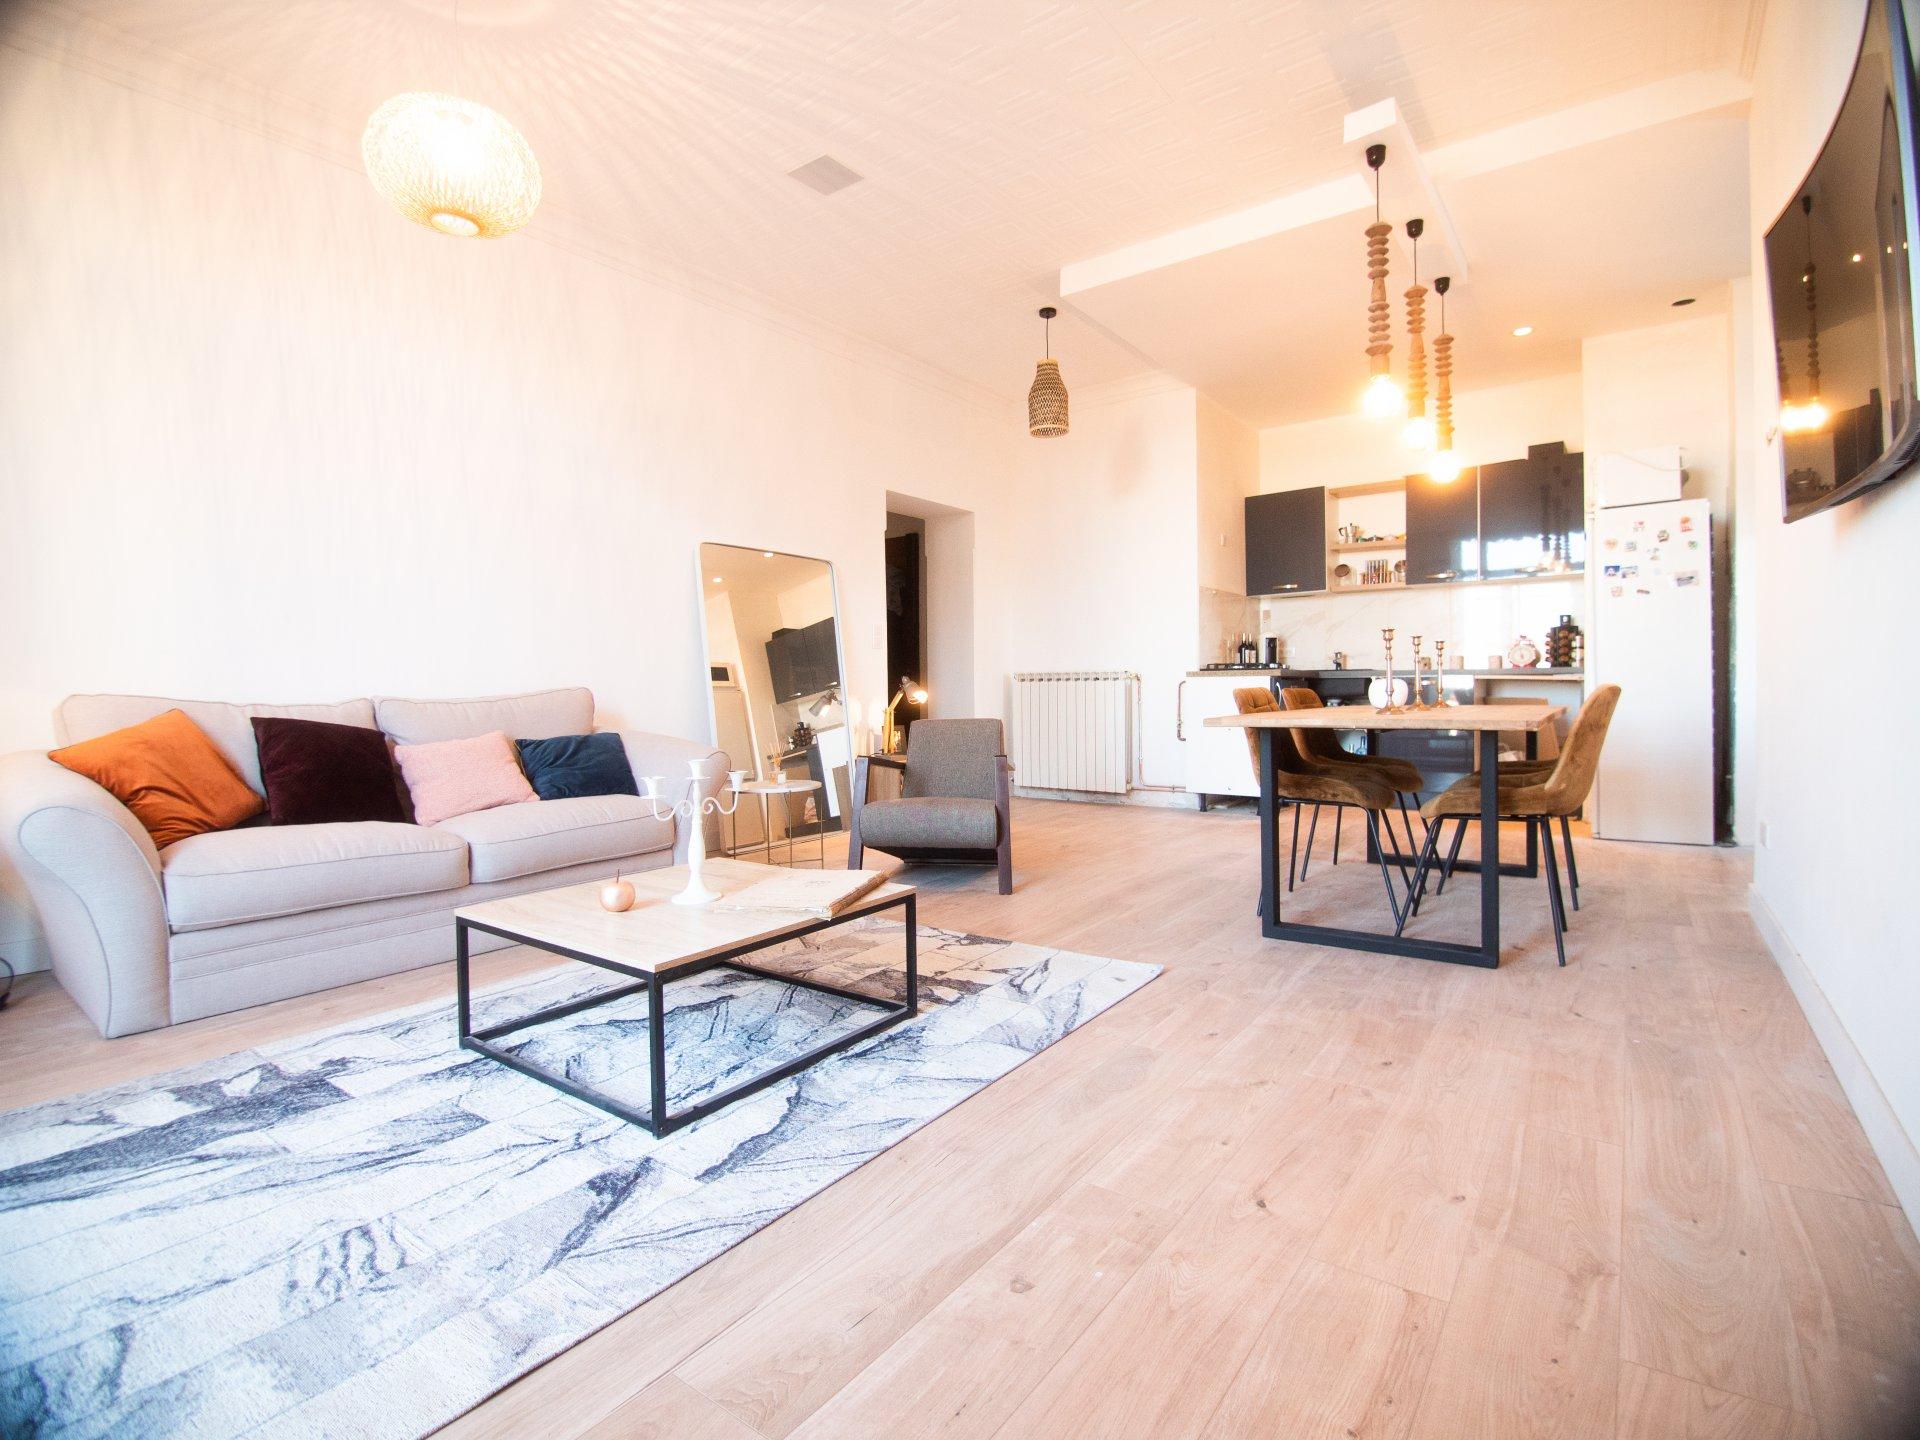 Saint Laurent du Var - Appartement - 2 pièces - 63m2